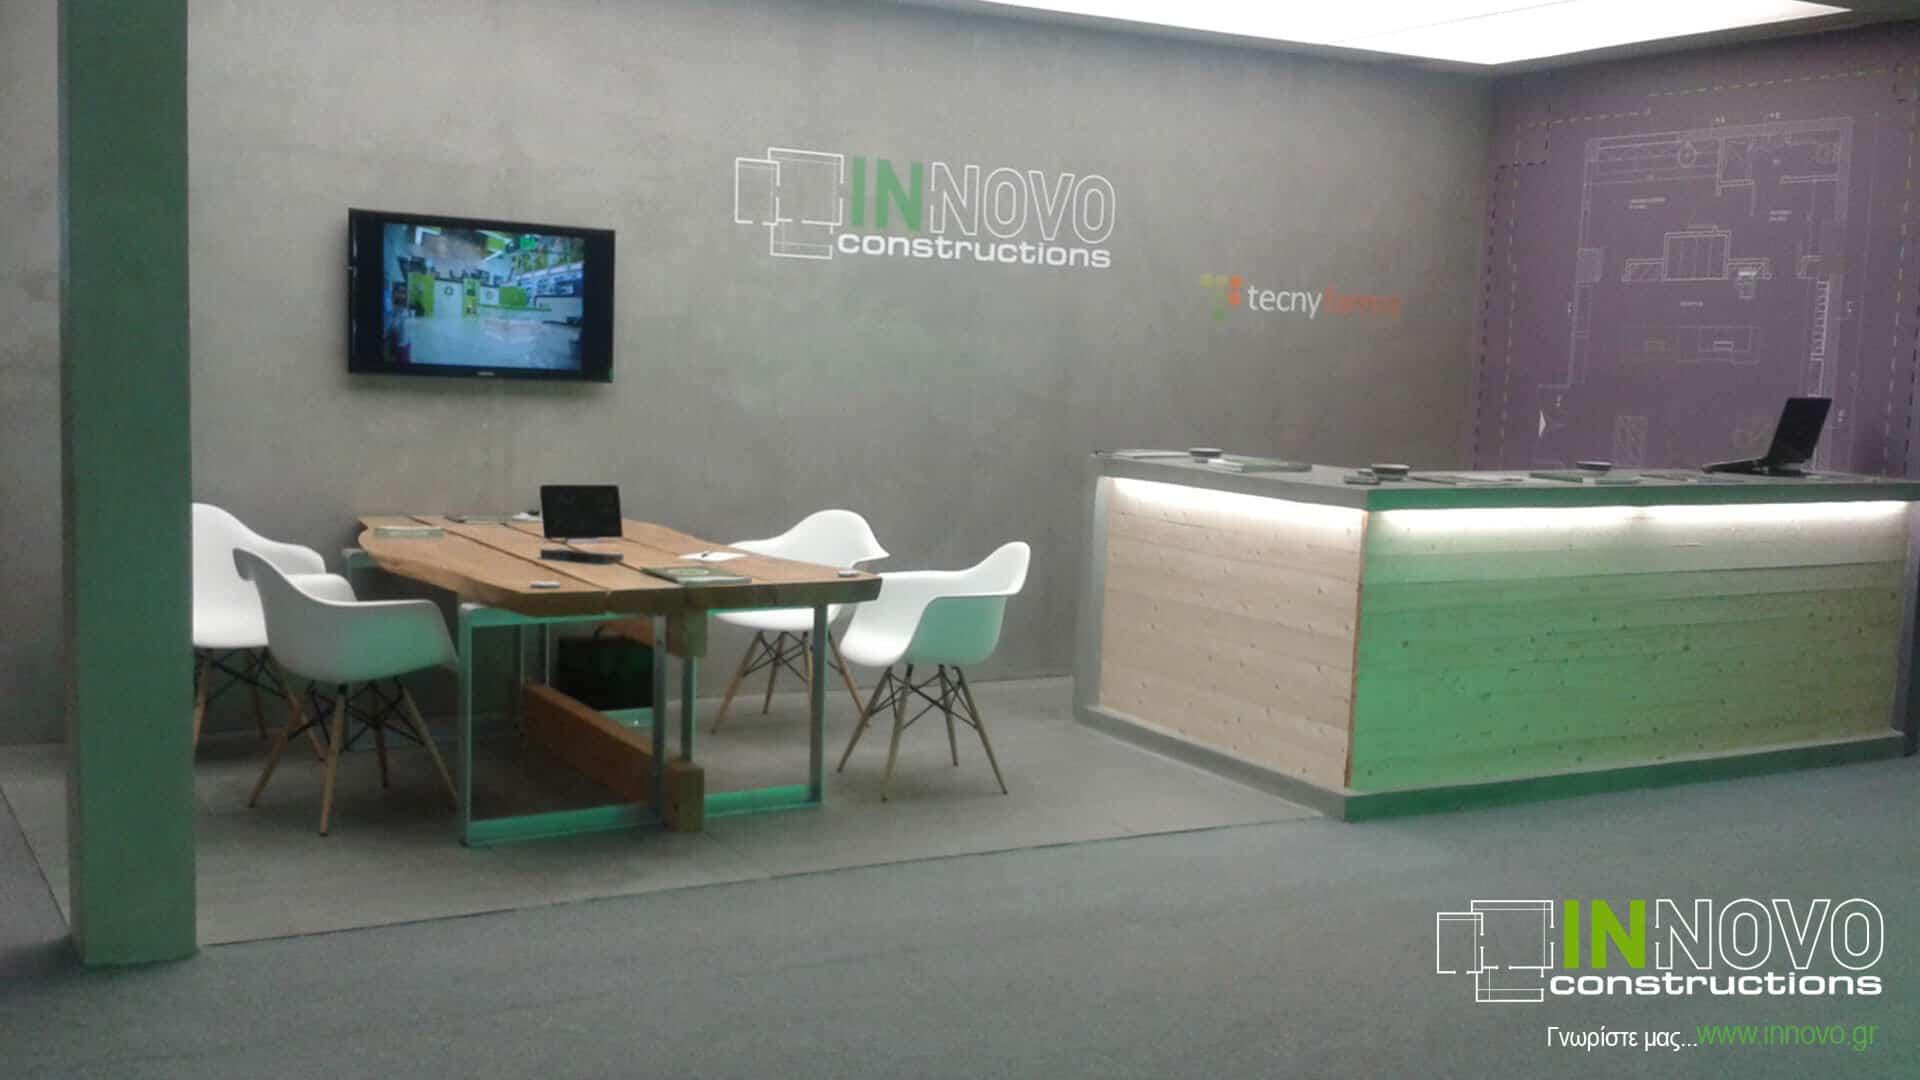 sxediasmos-peripterou-exhibition-stand-design-periptero-mas-hellaspharm2013-20